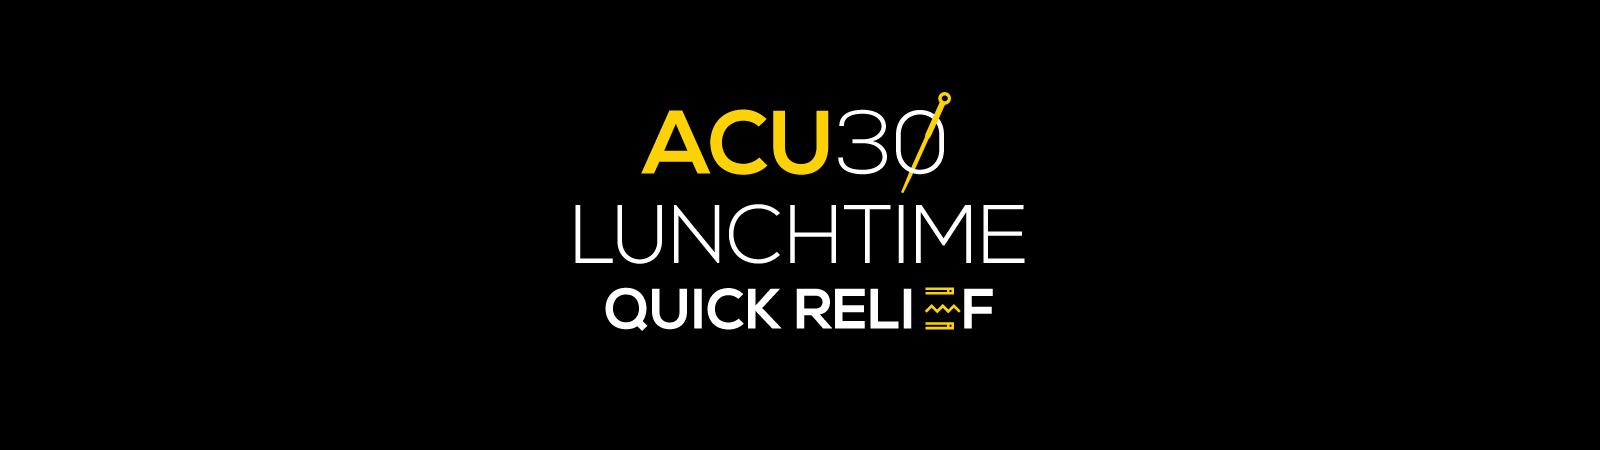 Acu30-series